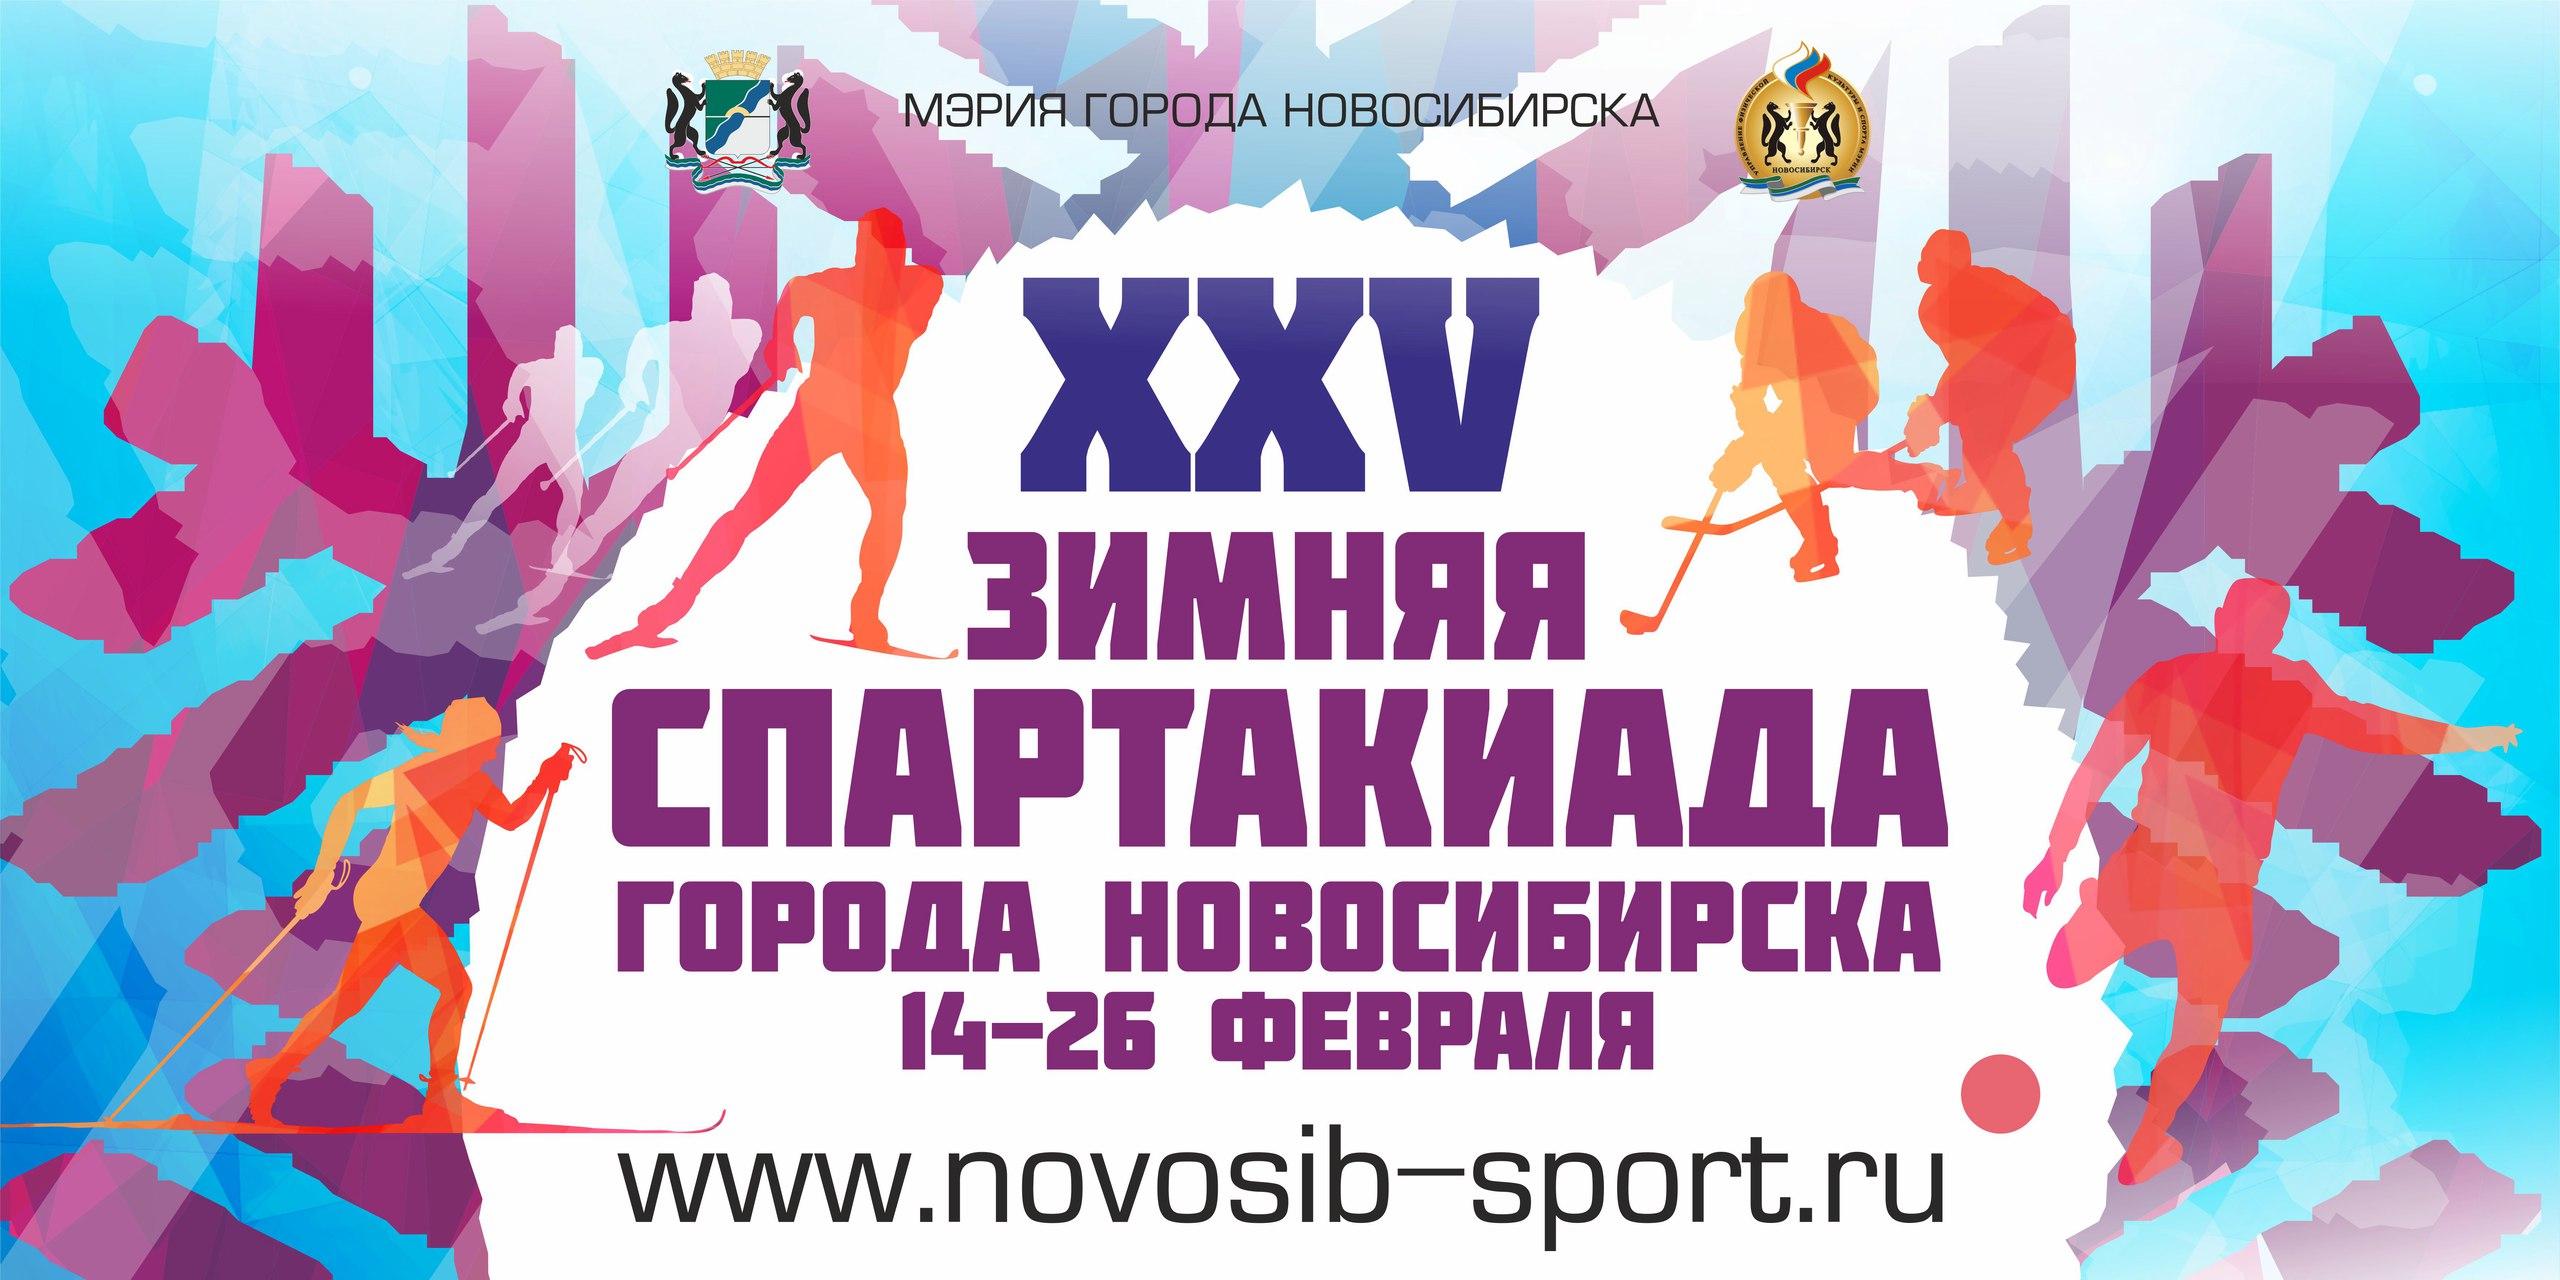 XXV Зимняя спартакиада города Новосибирска